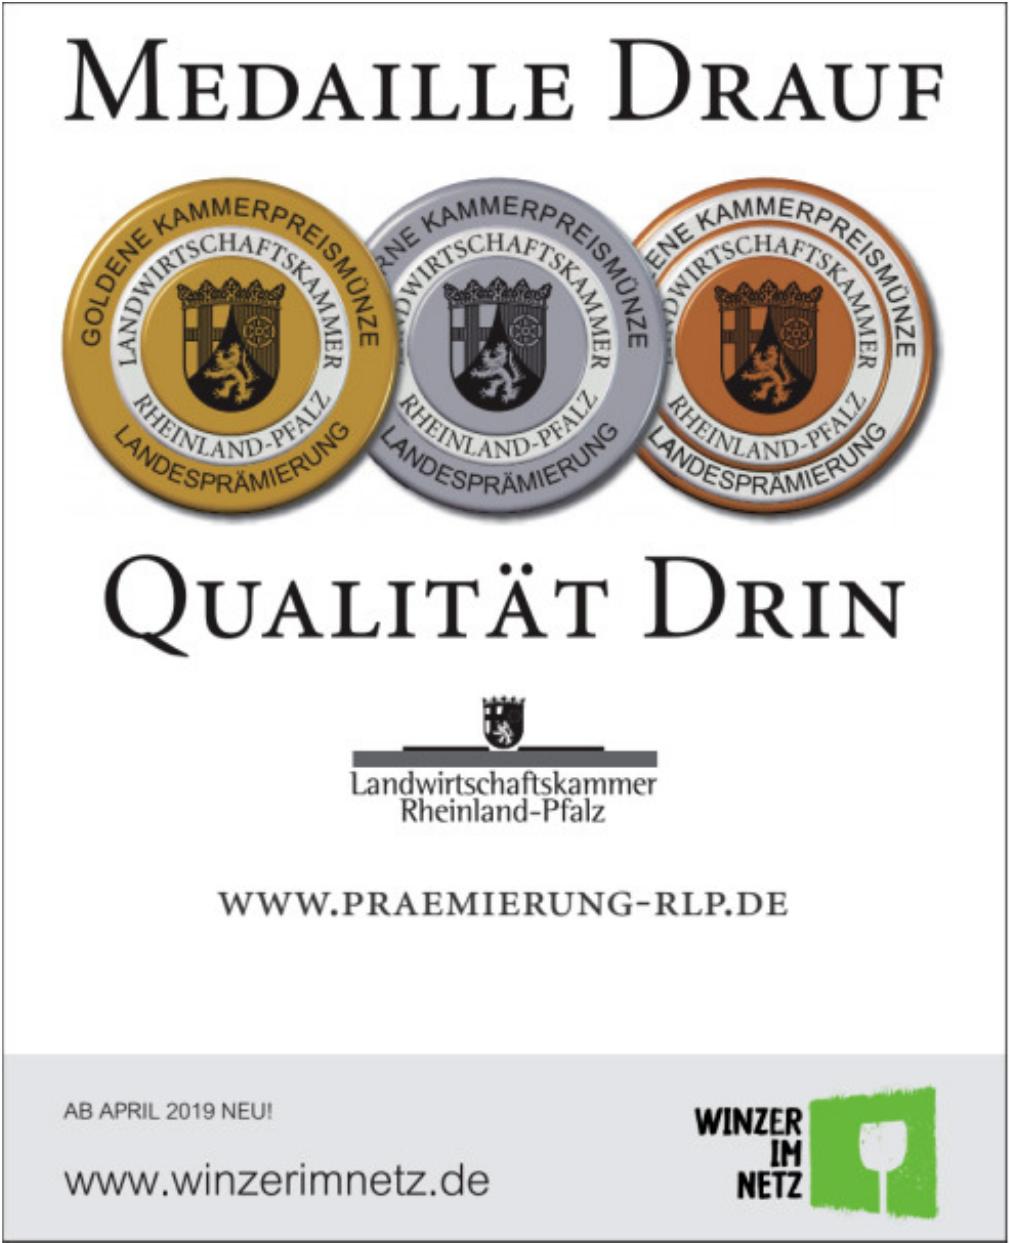 Landwirtschaftskammer Rheinland-Pfalz